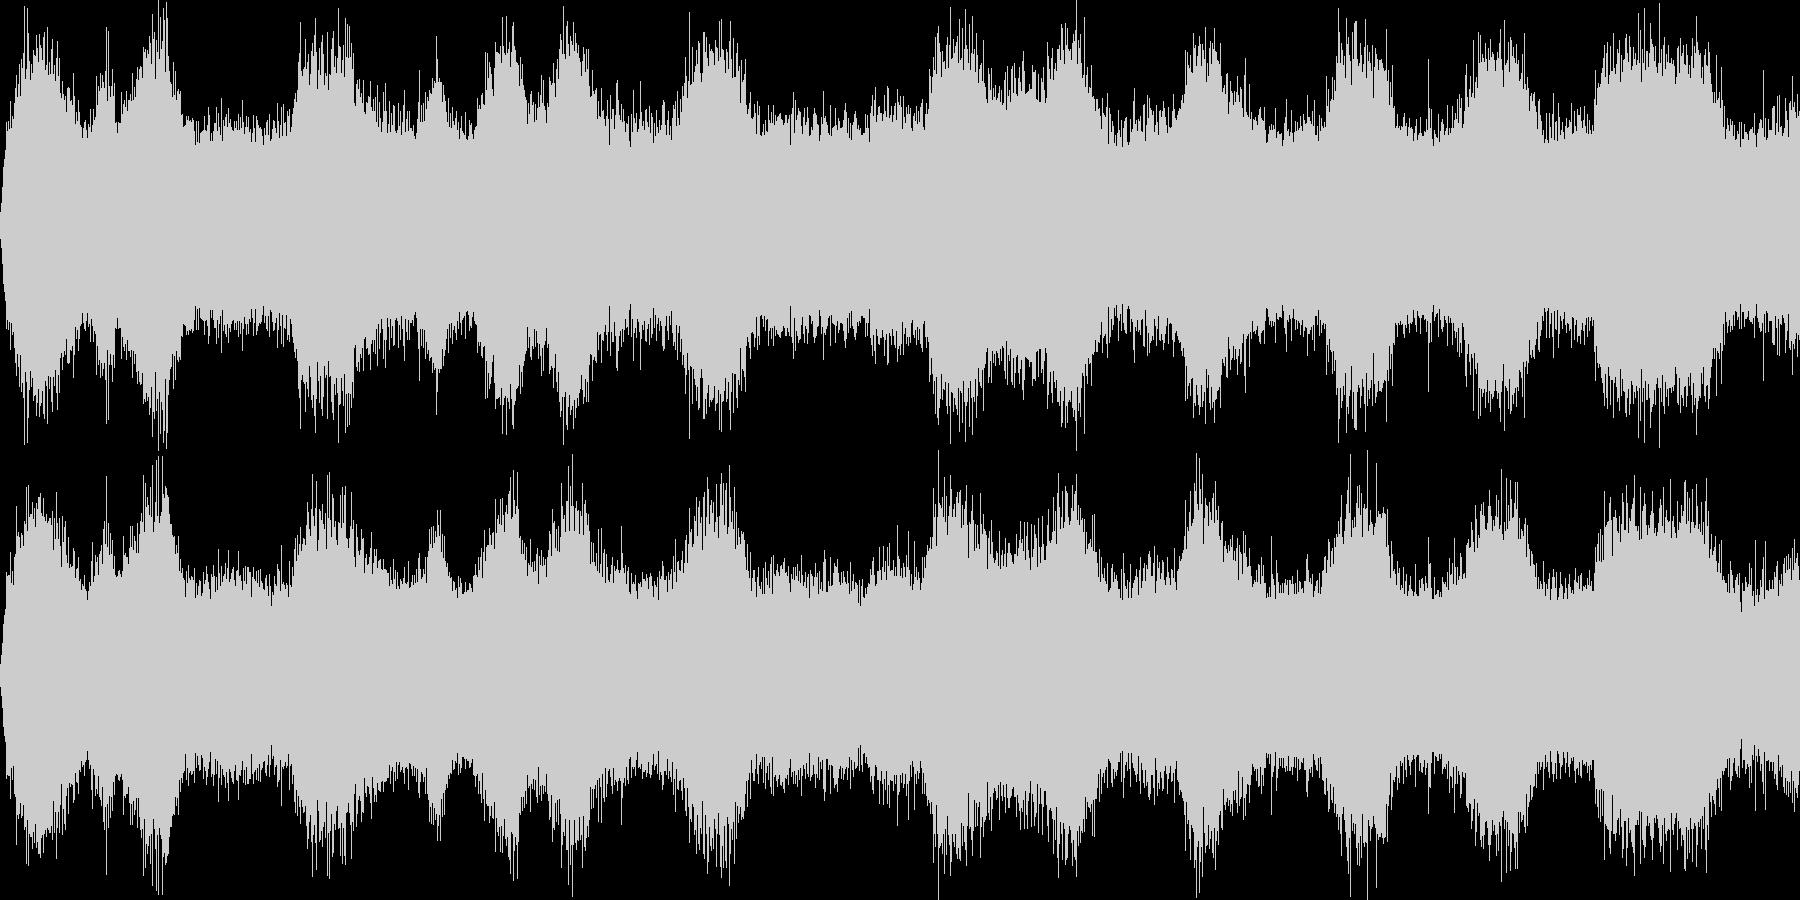 嵐の海(環境音)の未再生の波形